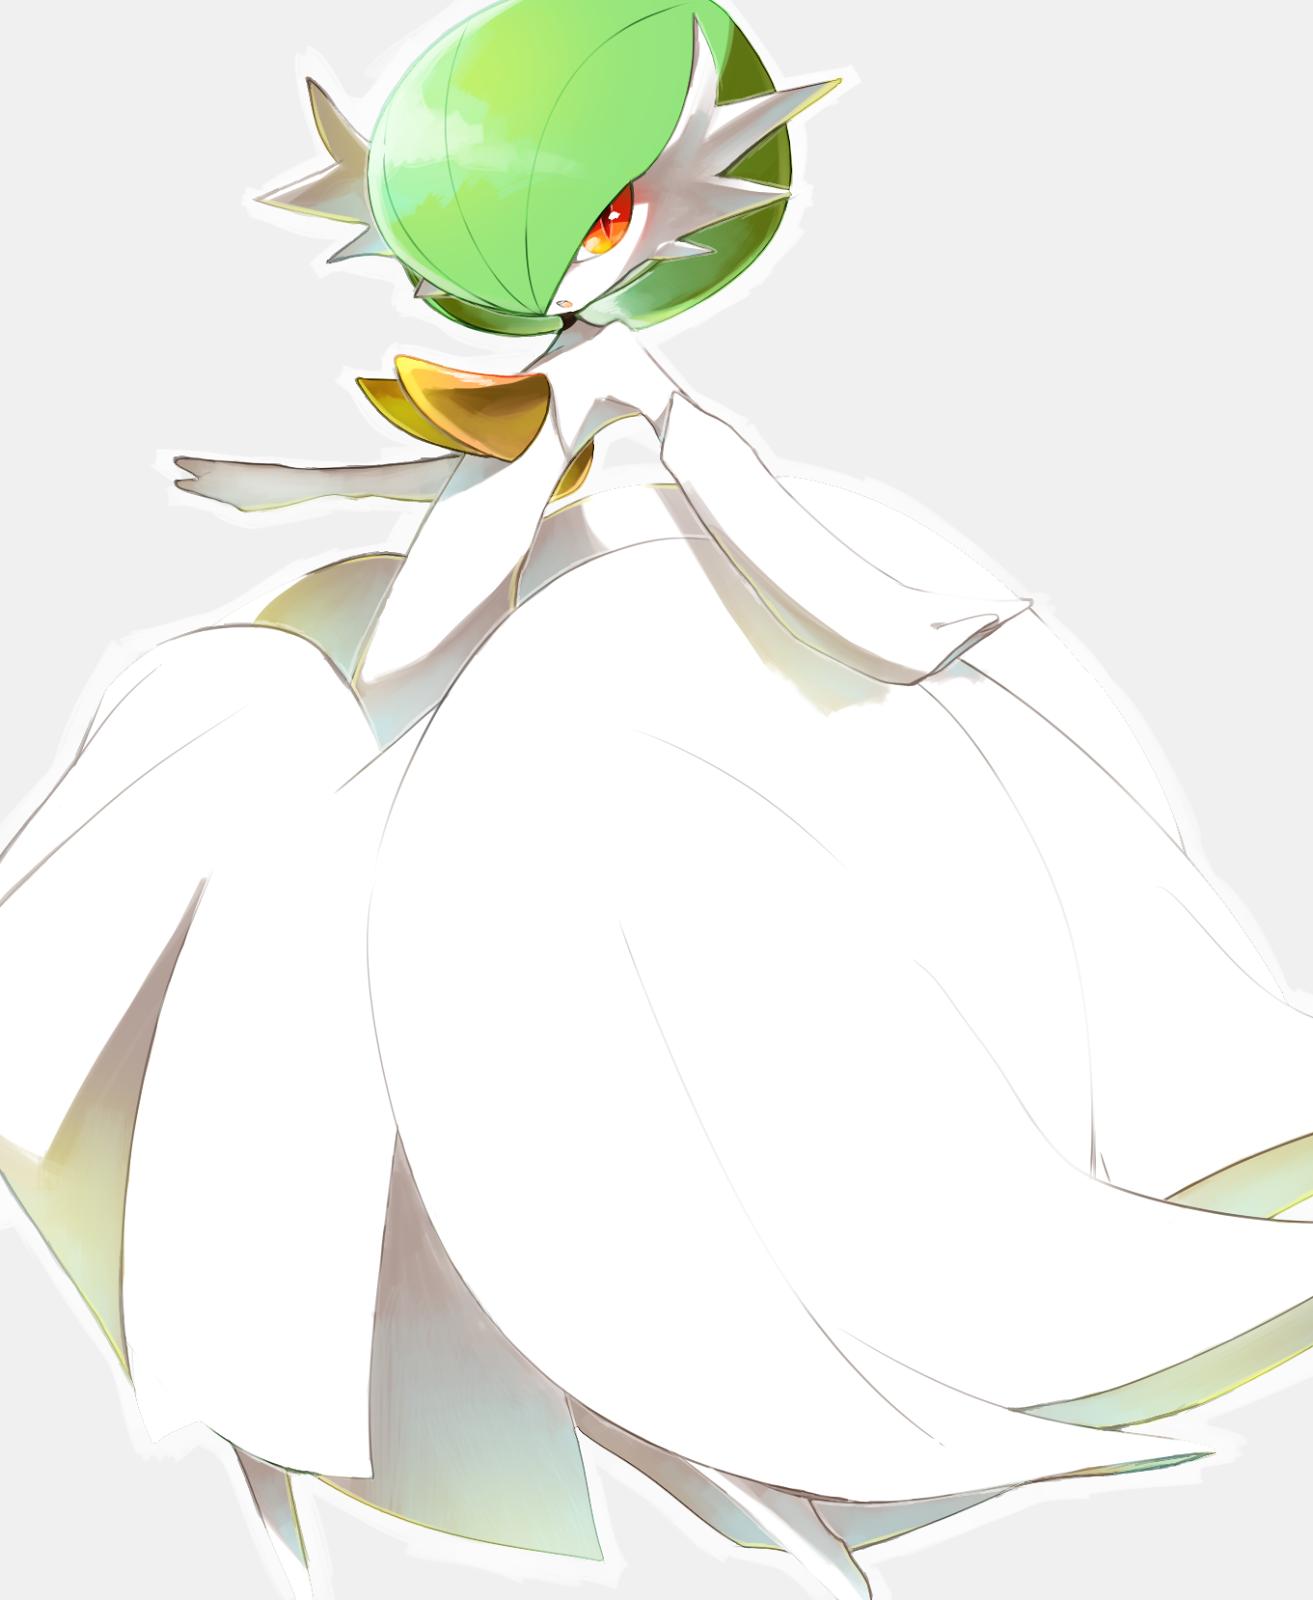 Pokémon by Review: #280 - #282, #475: Ralts, Kirlia ...